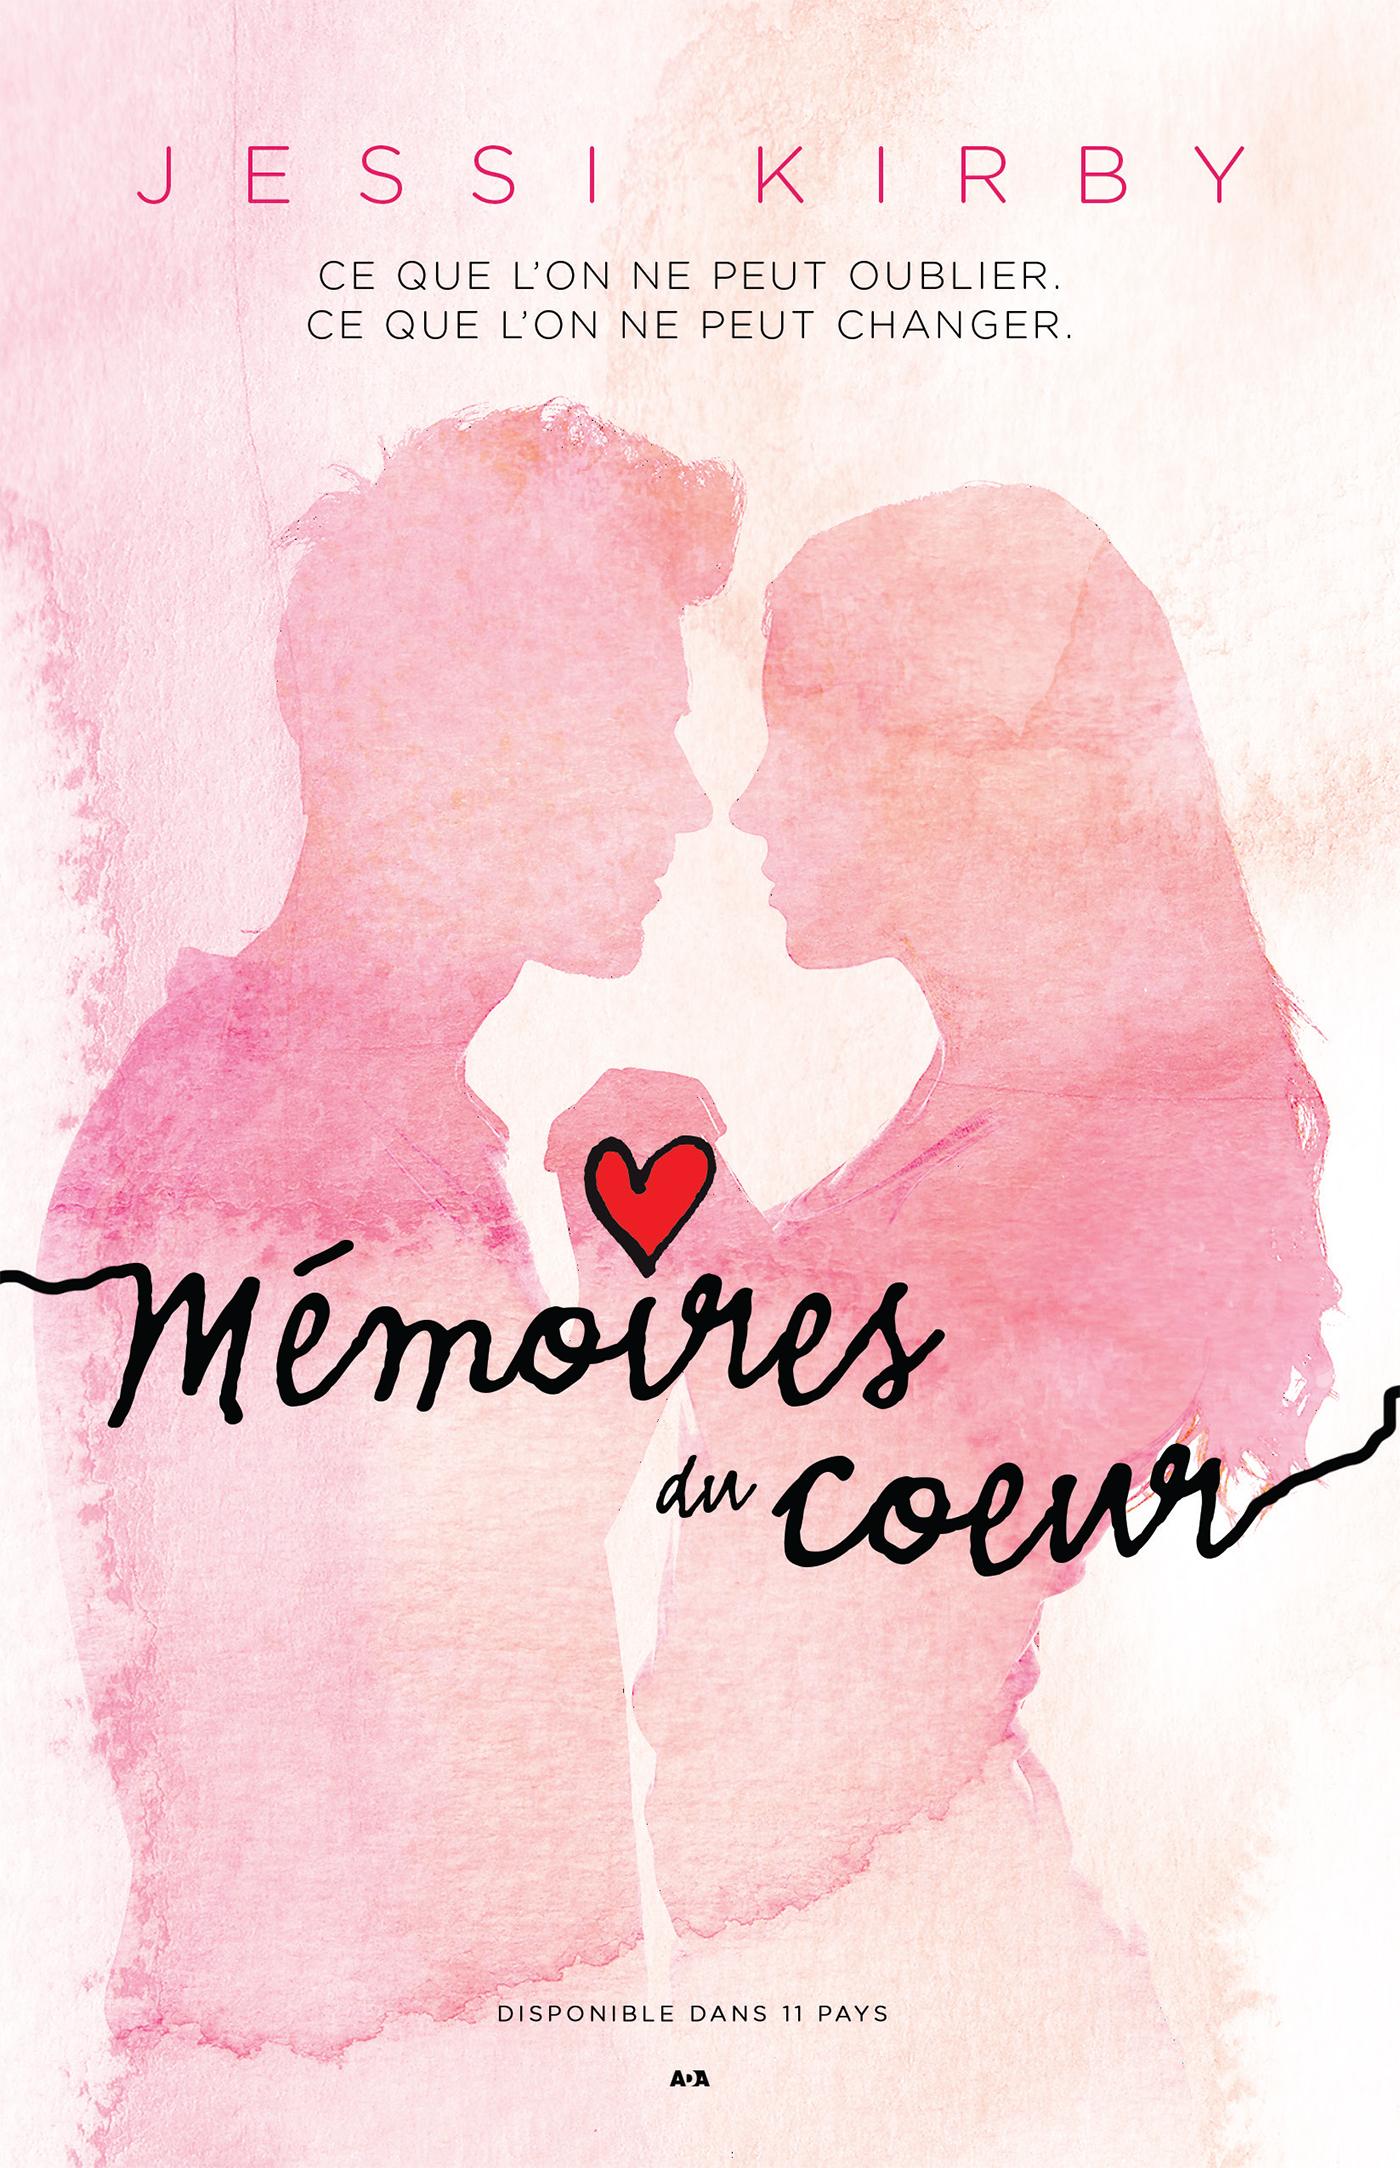 Memoires du coeur, Ce que l'on ne peut oublier. Ce que l'on ne peut changer.